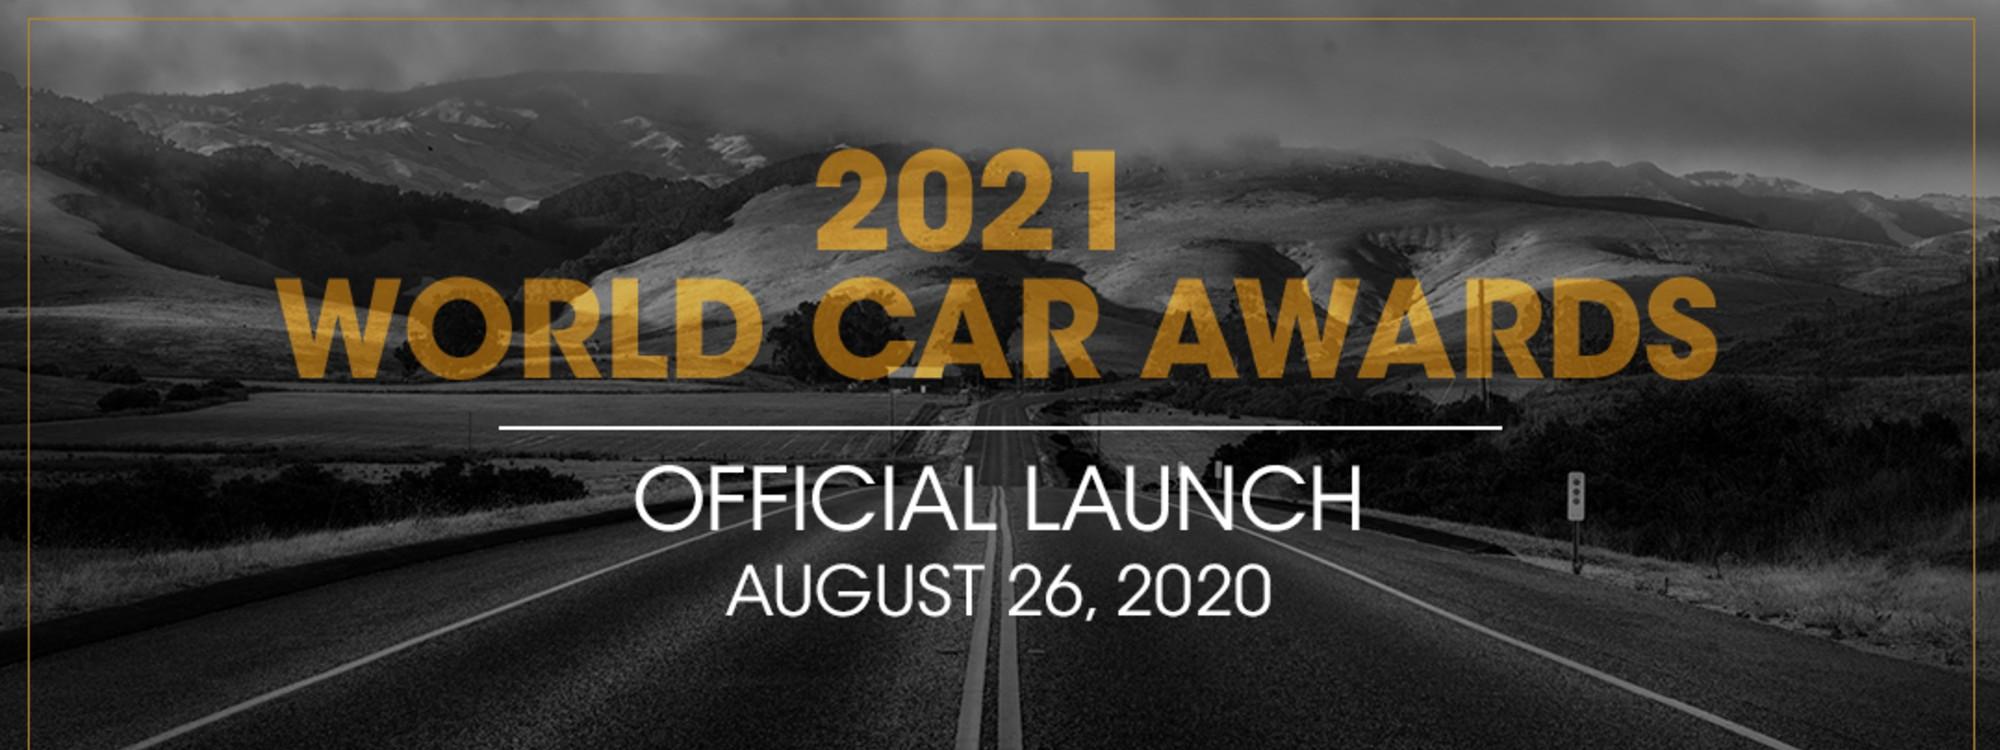 World Car Awards 2021: los 49 candidatos al auto del año